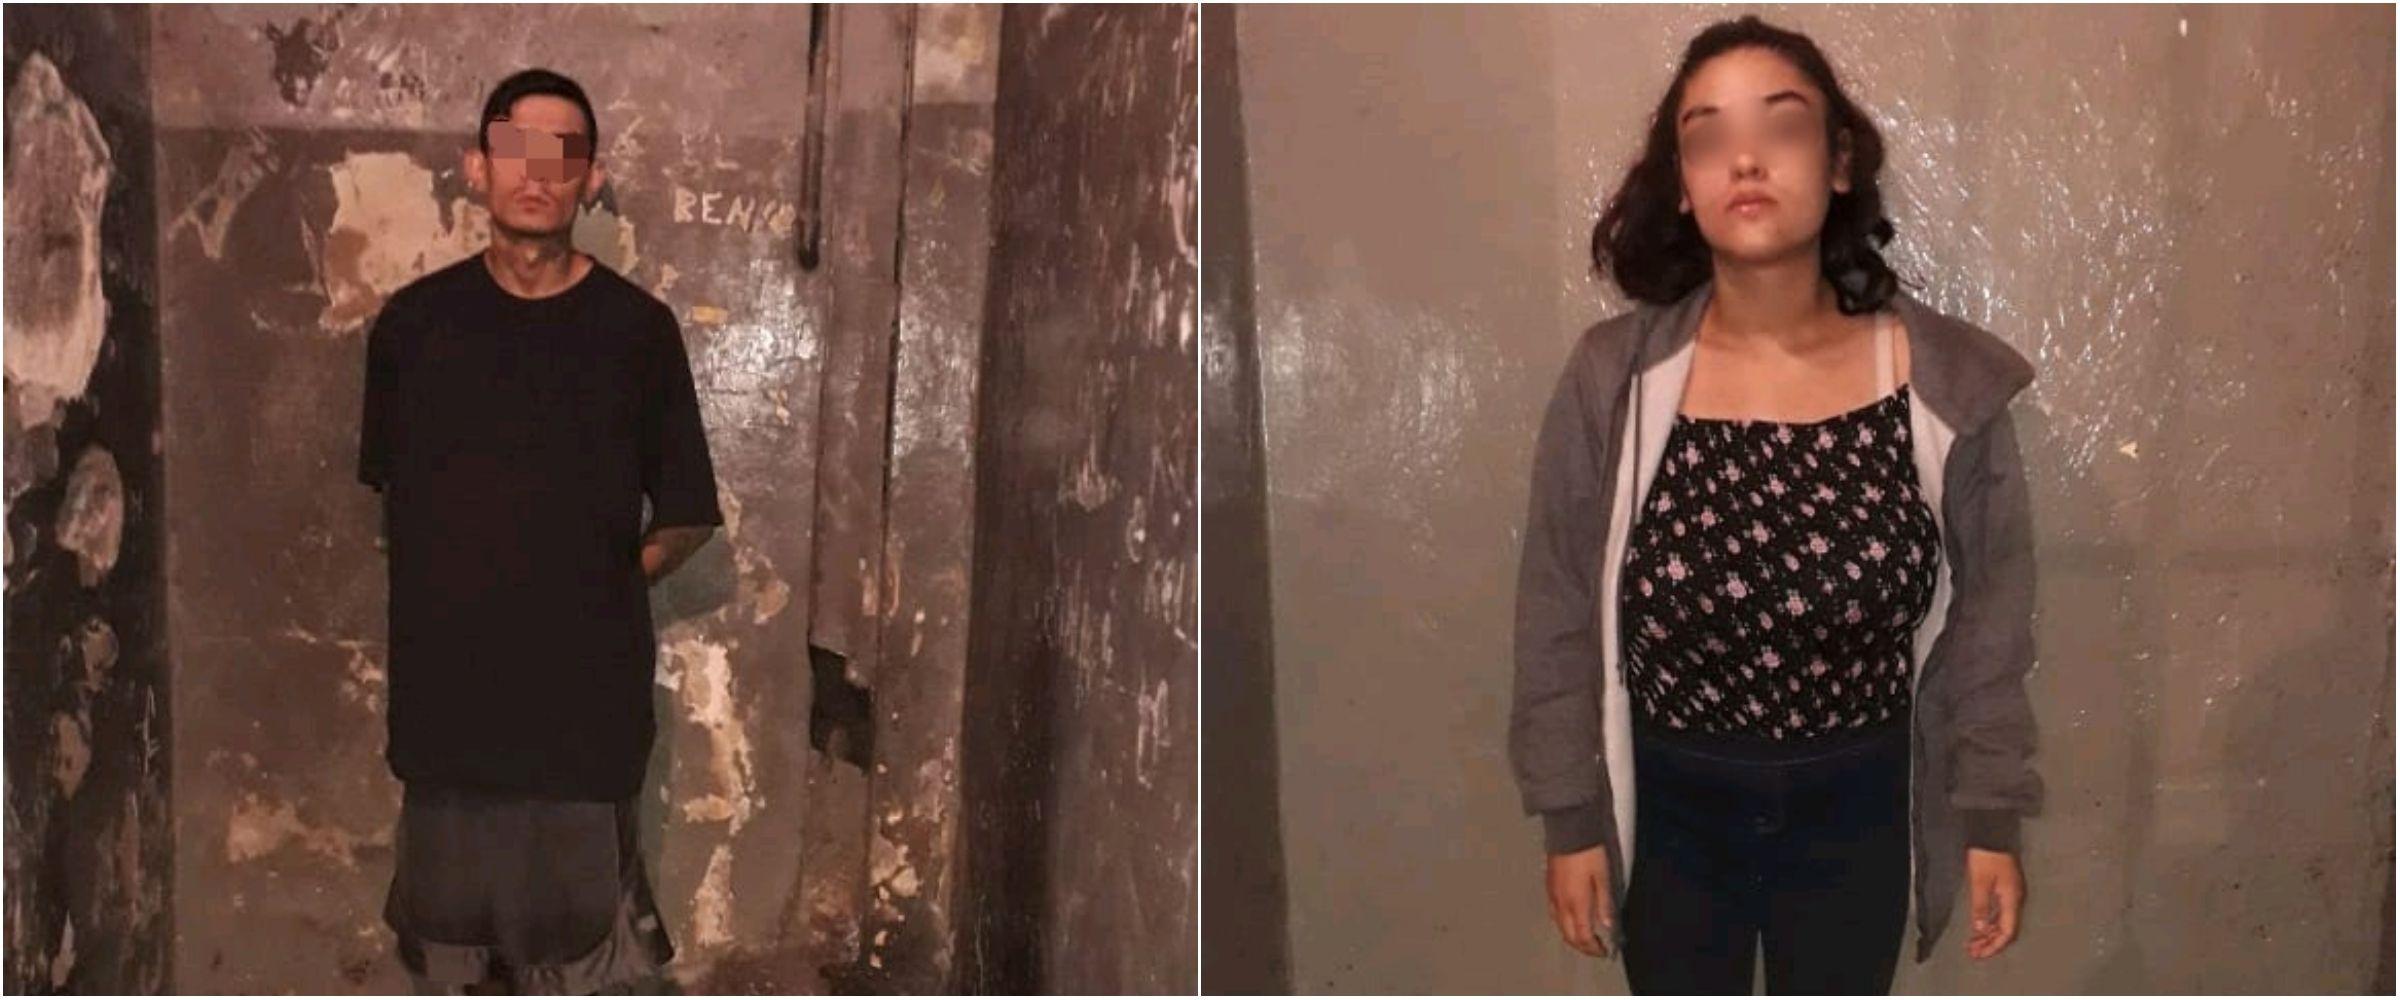 El municipio de Lanús pide deportar a los estadounidenses que golpearon salvajemente a su hija de 16 días de vida